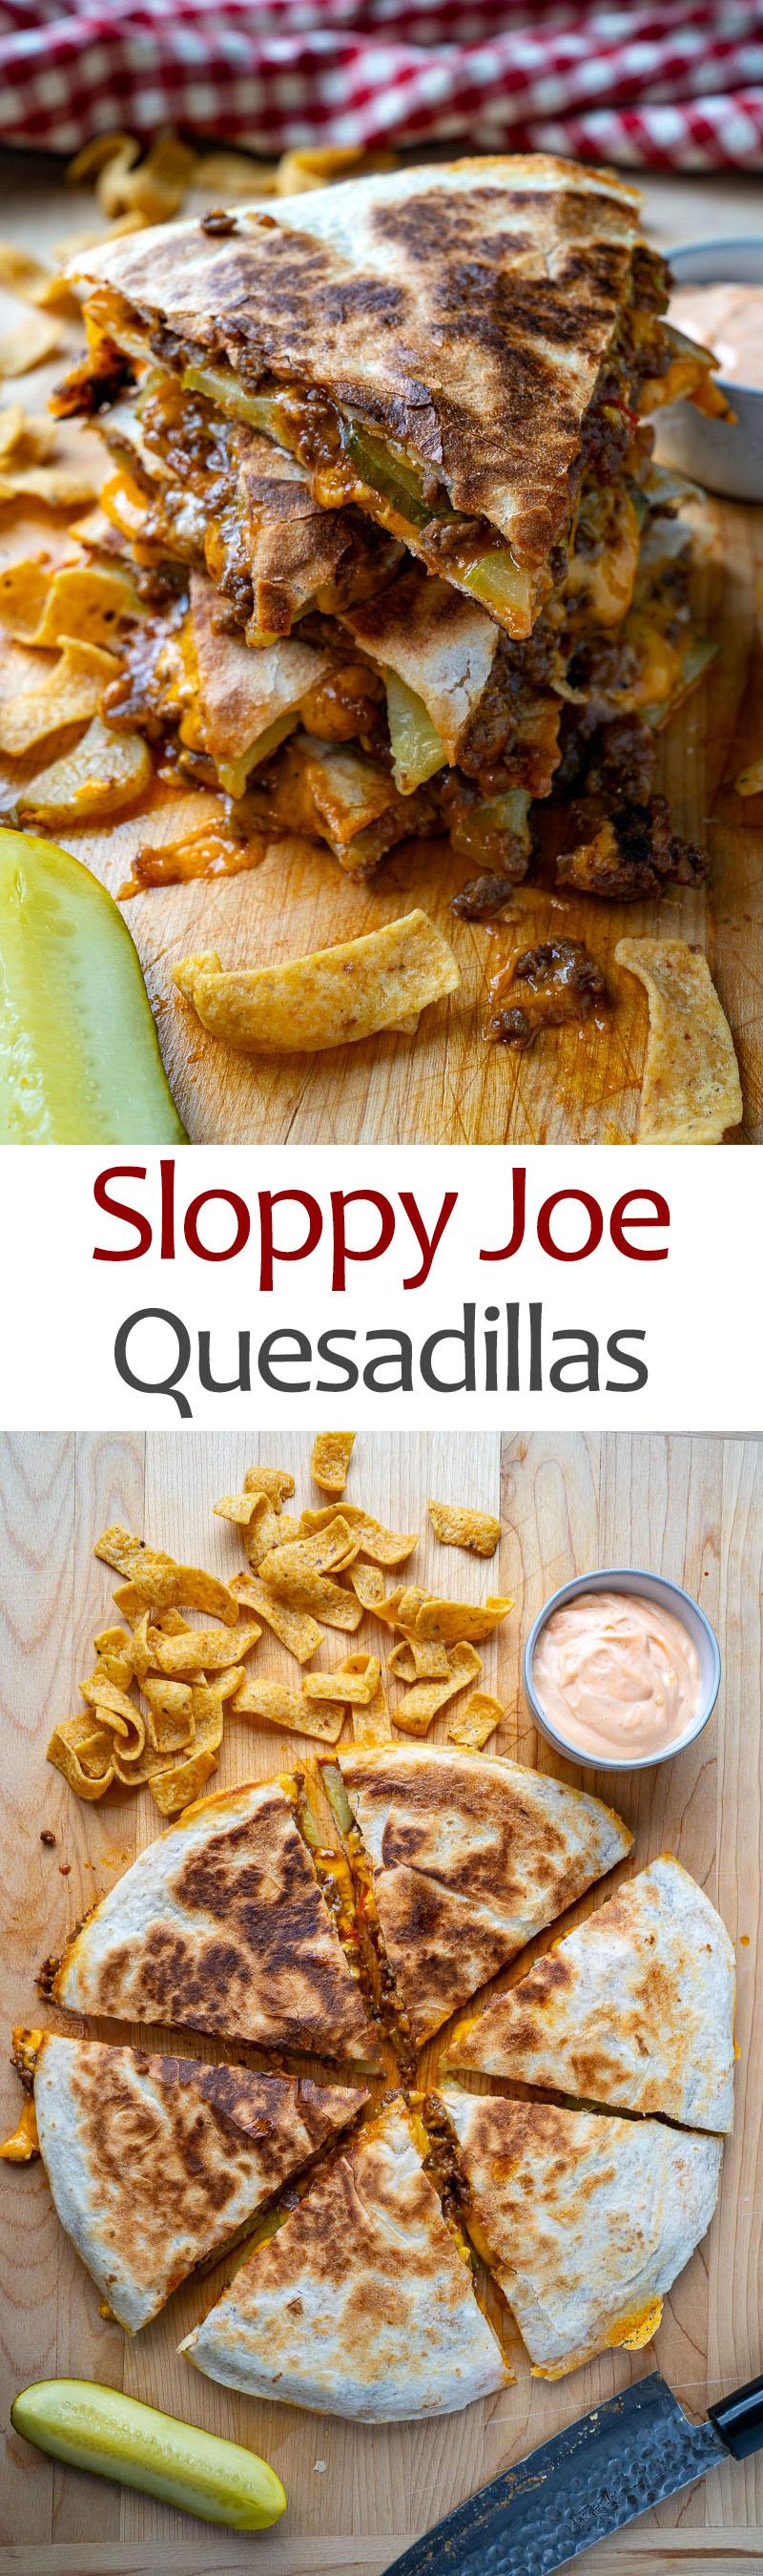 Sloppy Joe Quesadillas